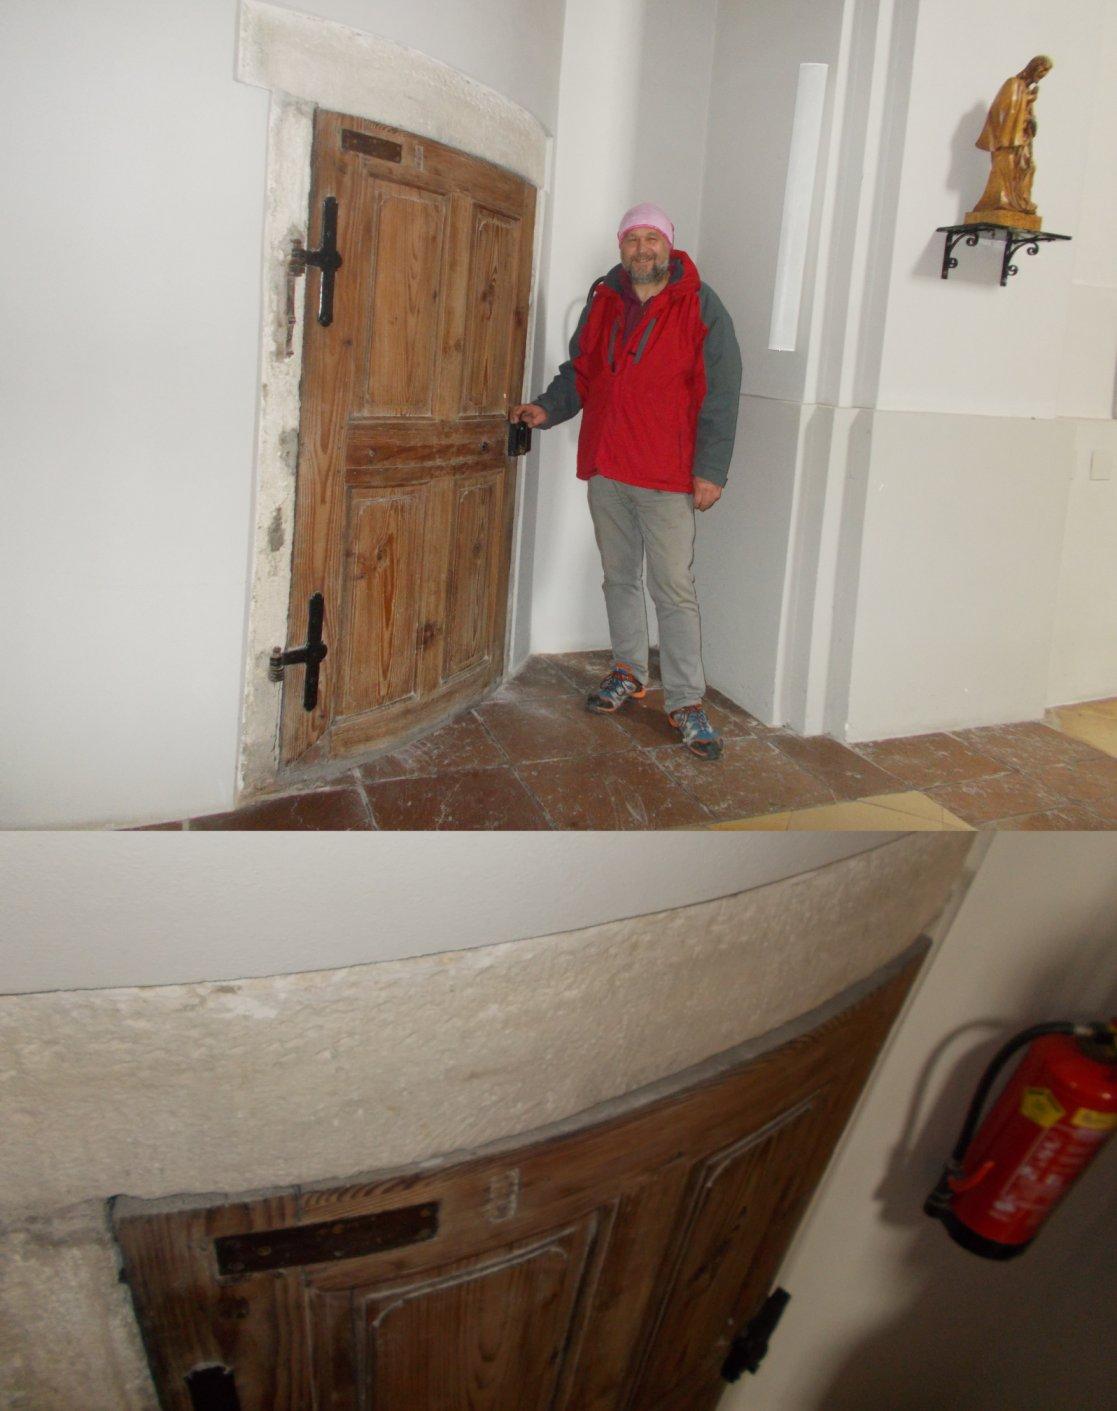 Eizigartig: Eine runde Holztüre in einer Kirche Von oben gut zu erkennnen